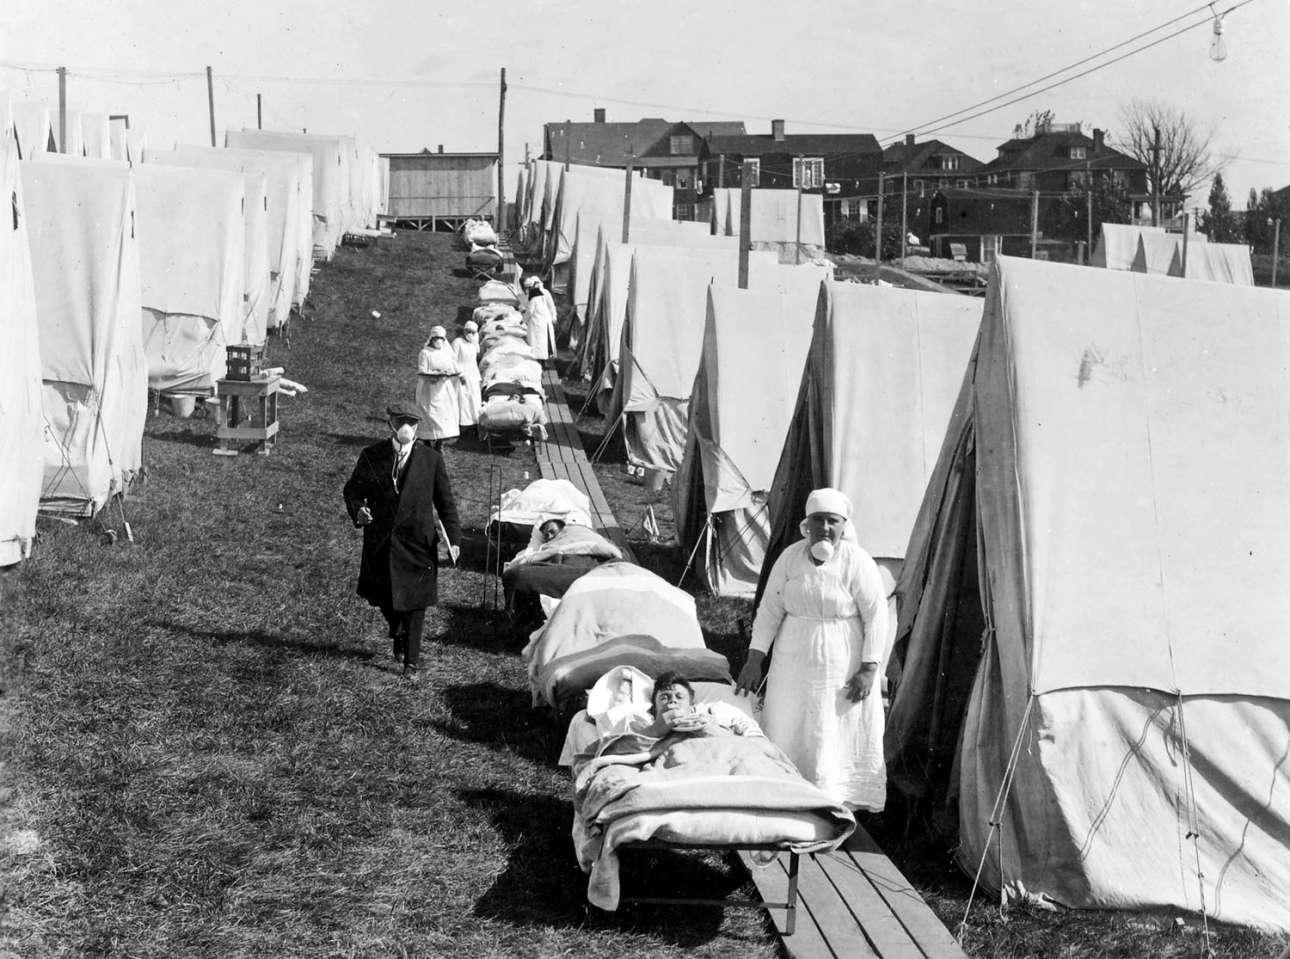 Ενα υπαίθριο νοσοκομείο που στήθηκε στην πόλη Μπρούκλαϊν της Μασαχουσέτης για την φροντίδα των ασθενών